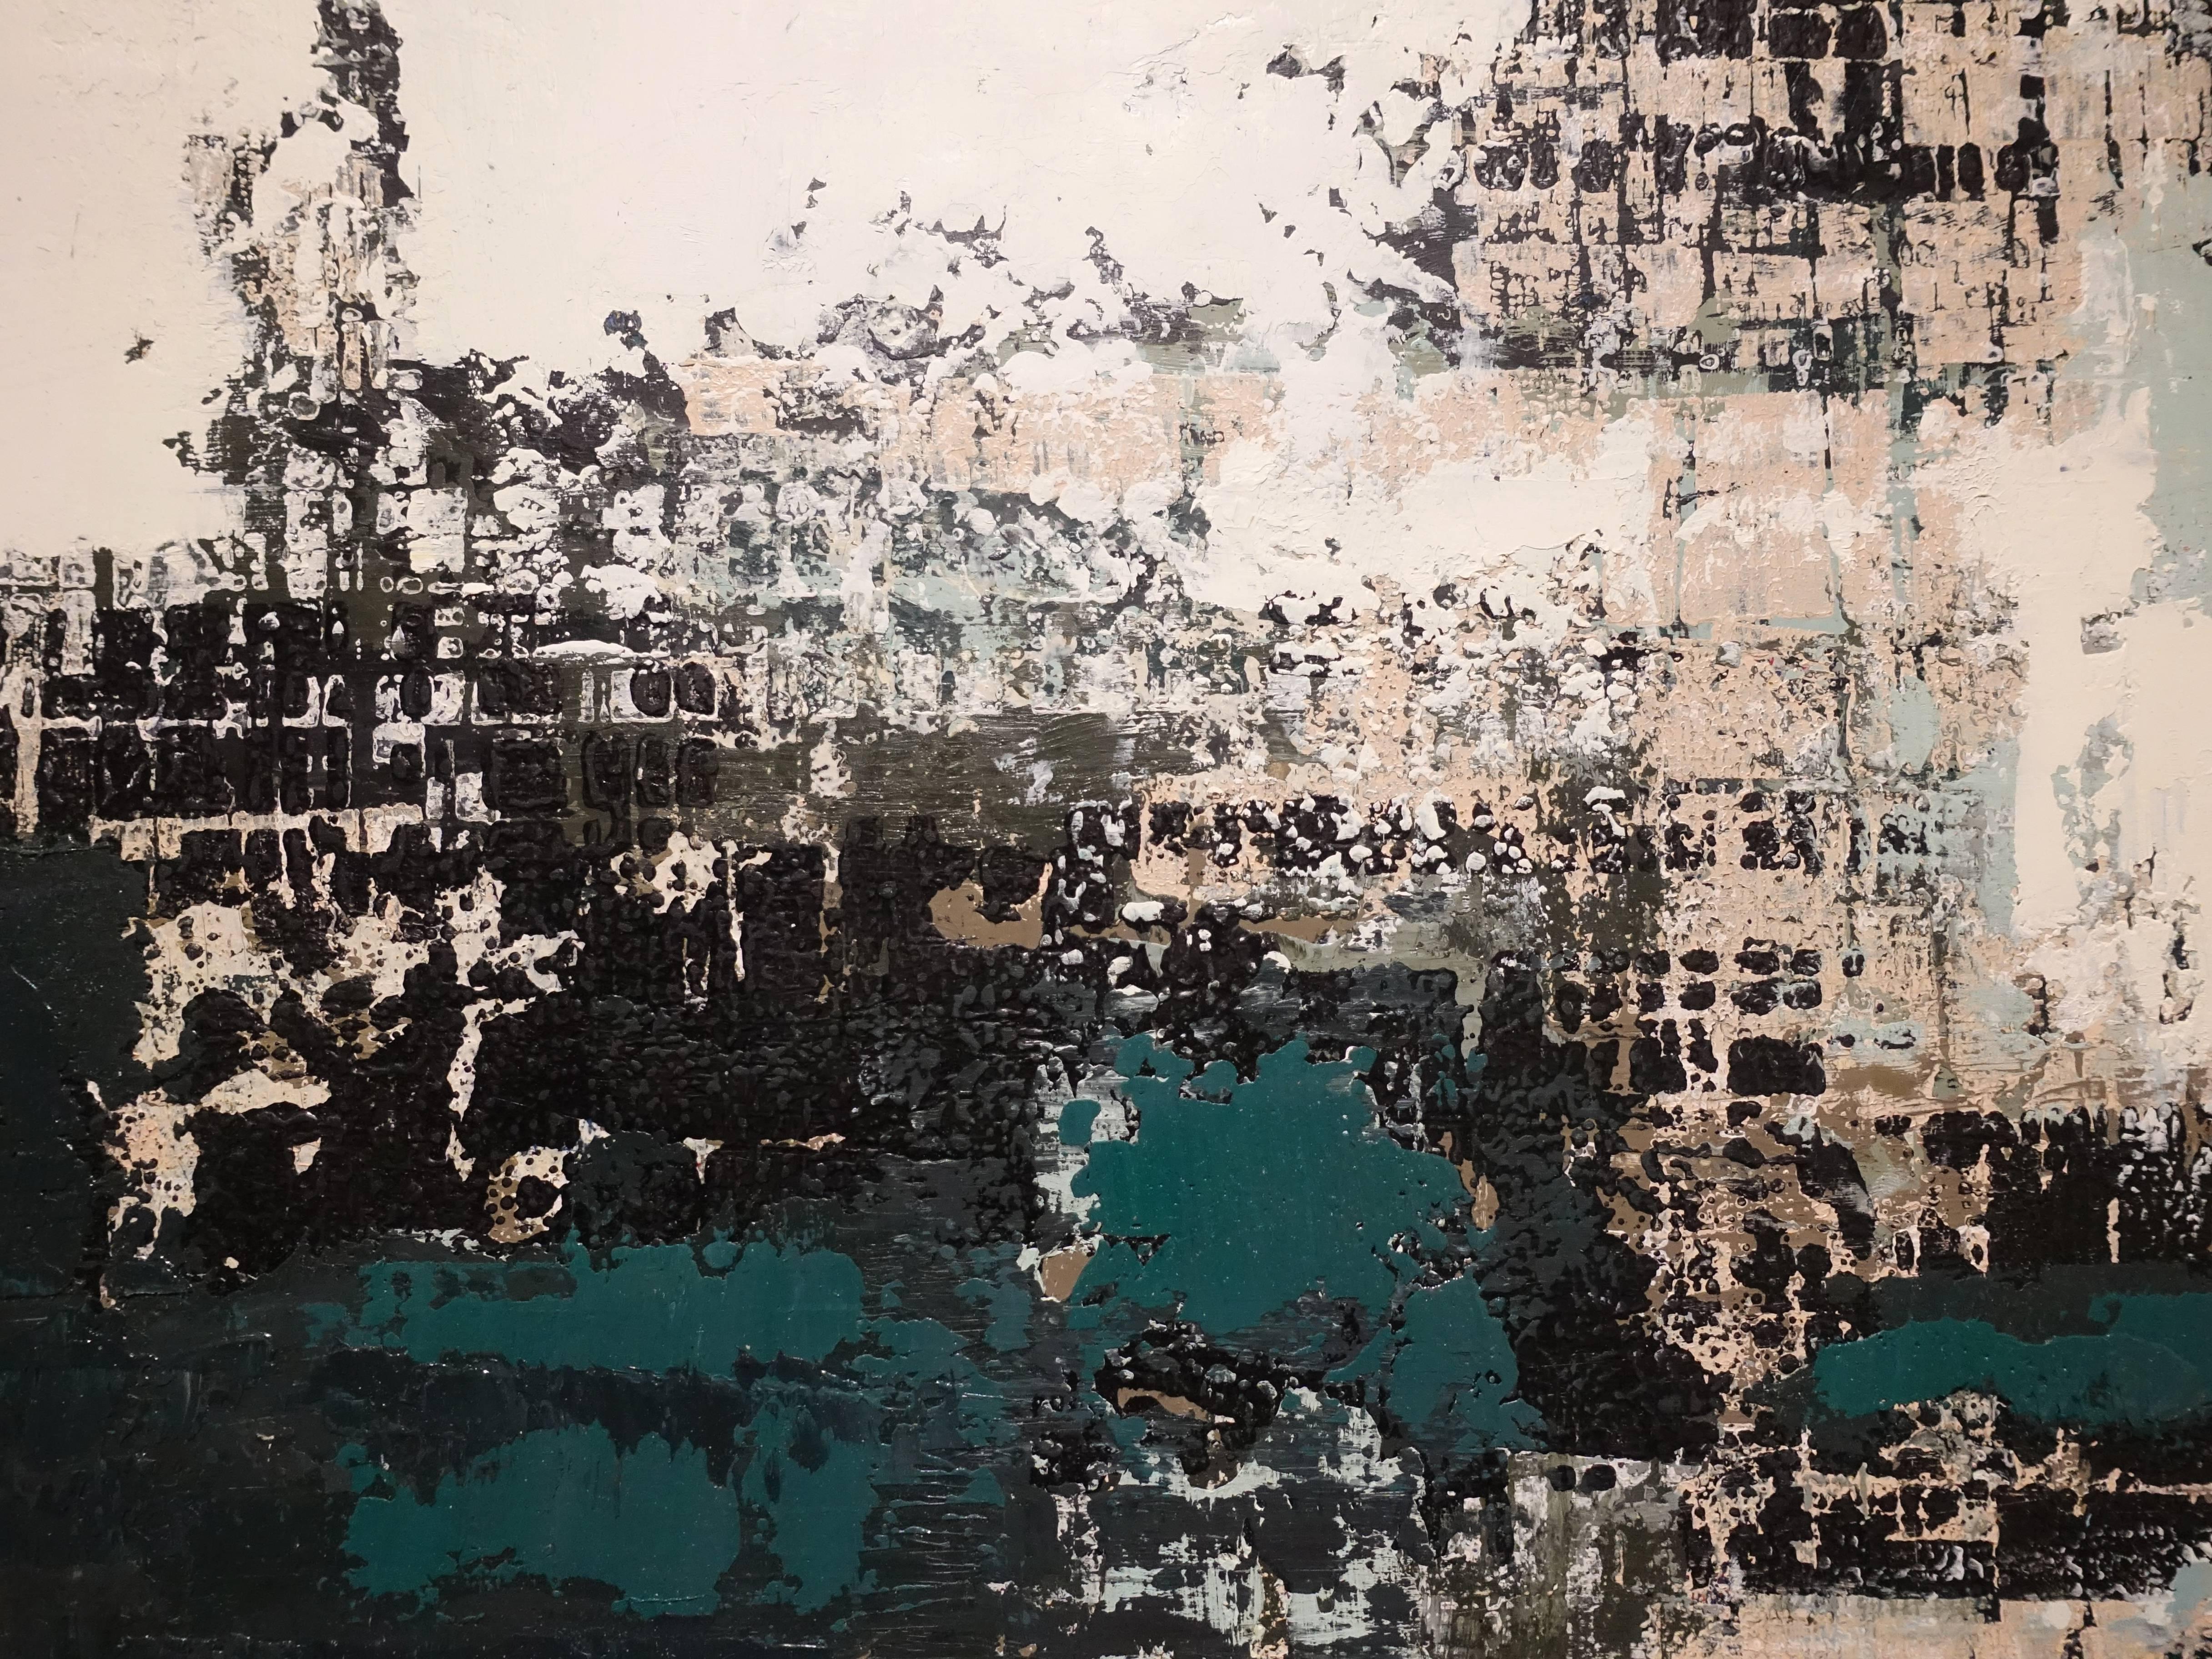 徐明豐,《移動的風景》細節,39 x 51 cm,複合媒材紙本,2018。